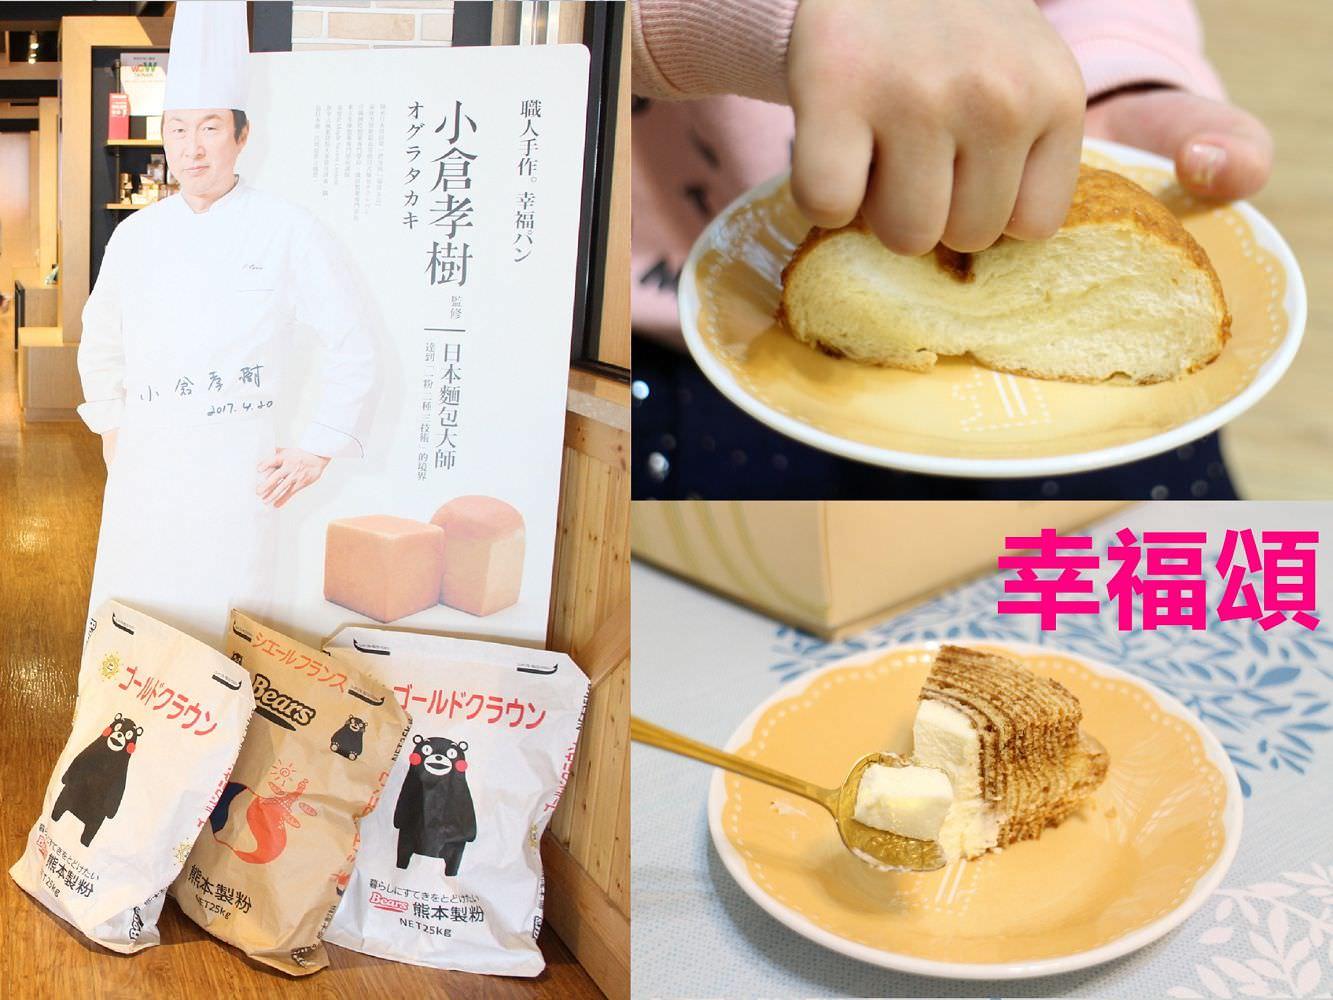 奇美食品︱烘焙新品牌:幸福頌,九款麵包、 四款年輪蛋糕新上市,吃了就想唱快樂頌